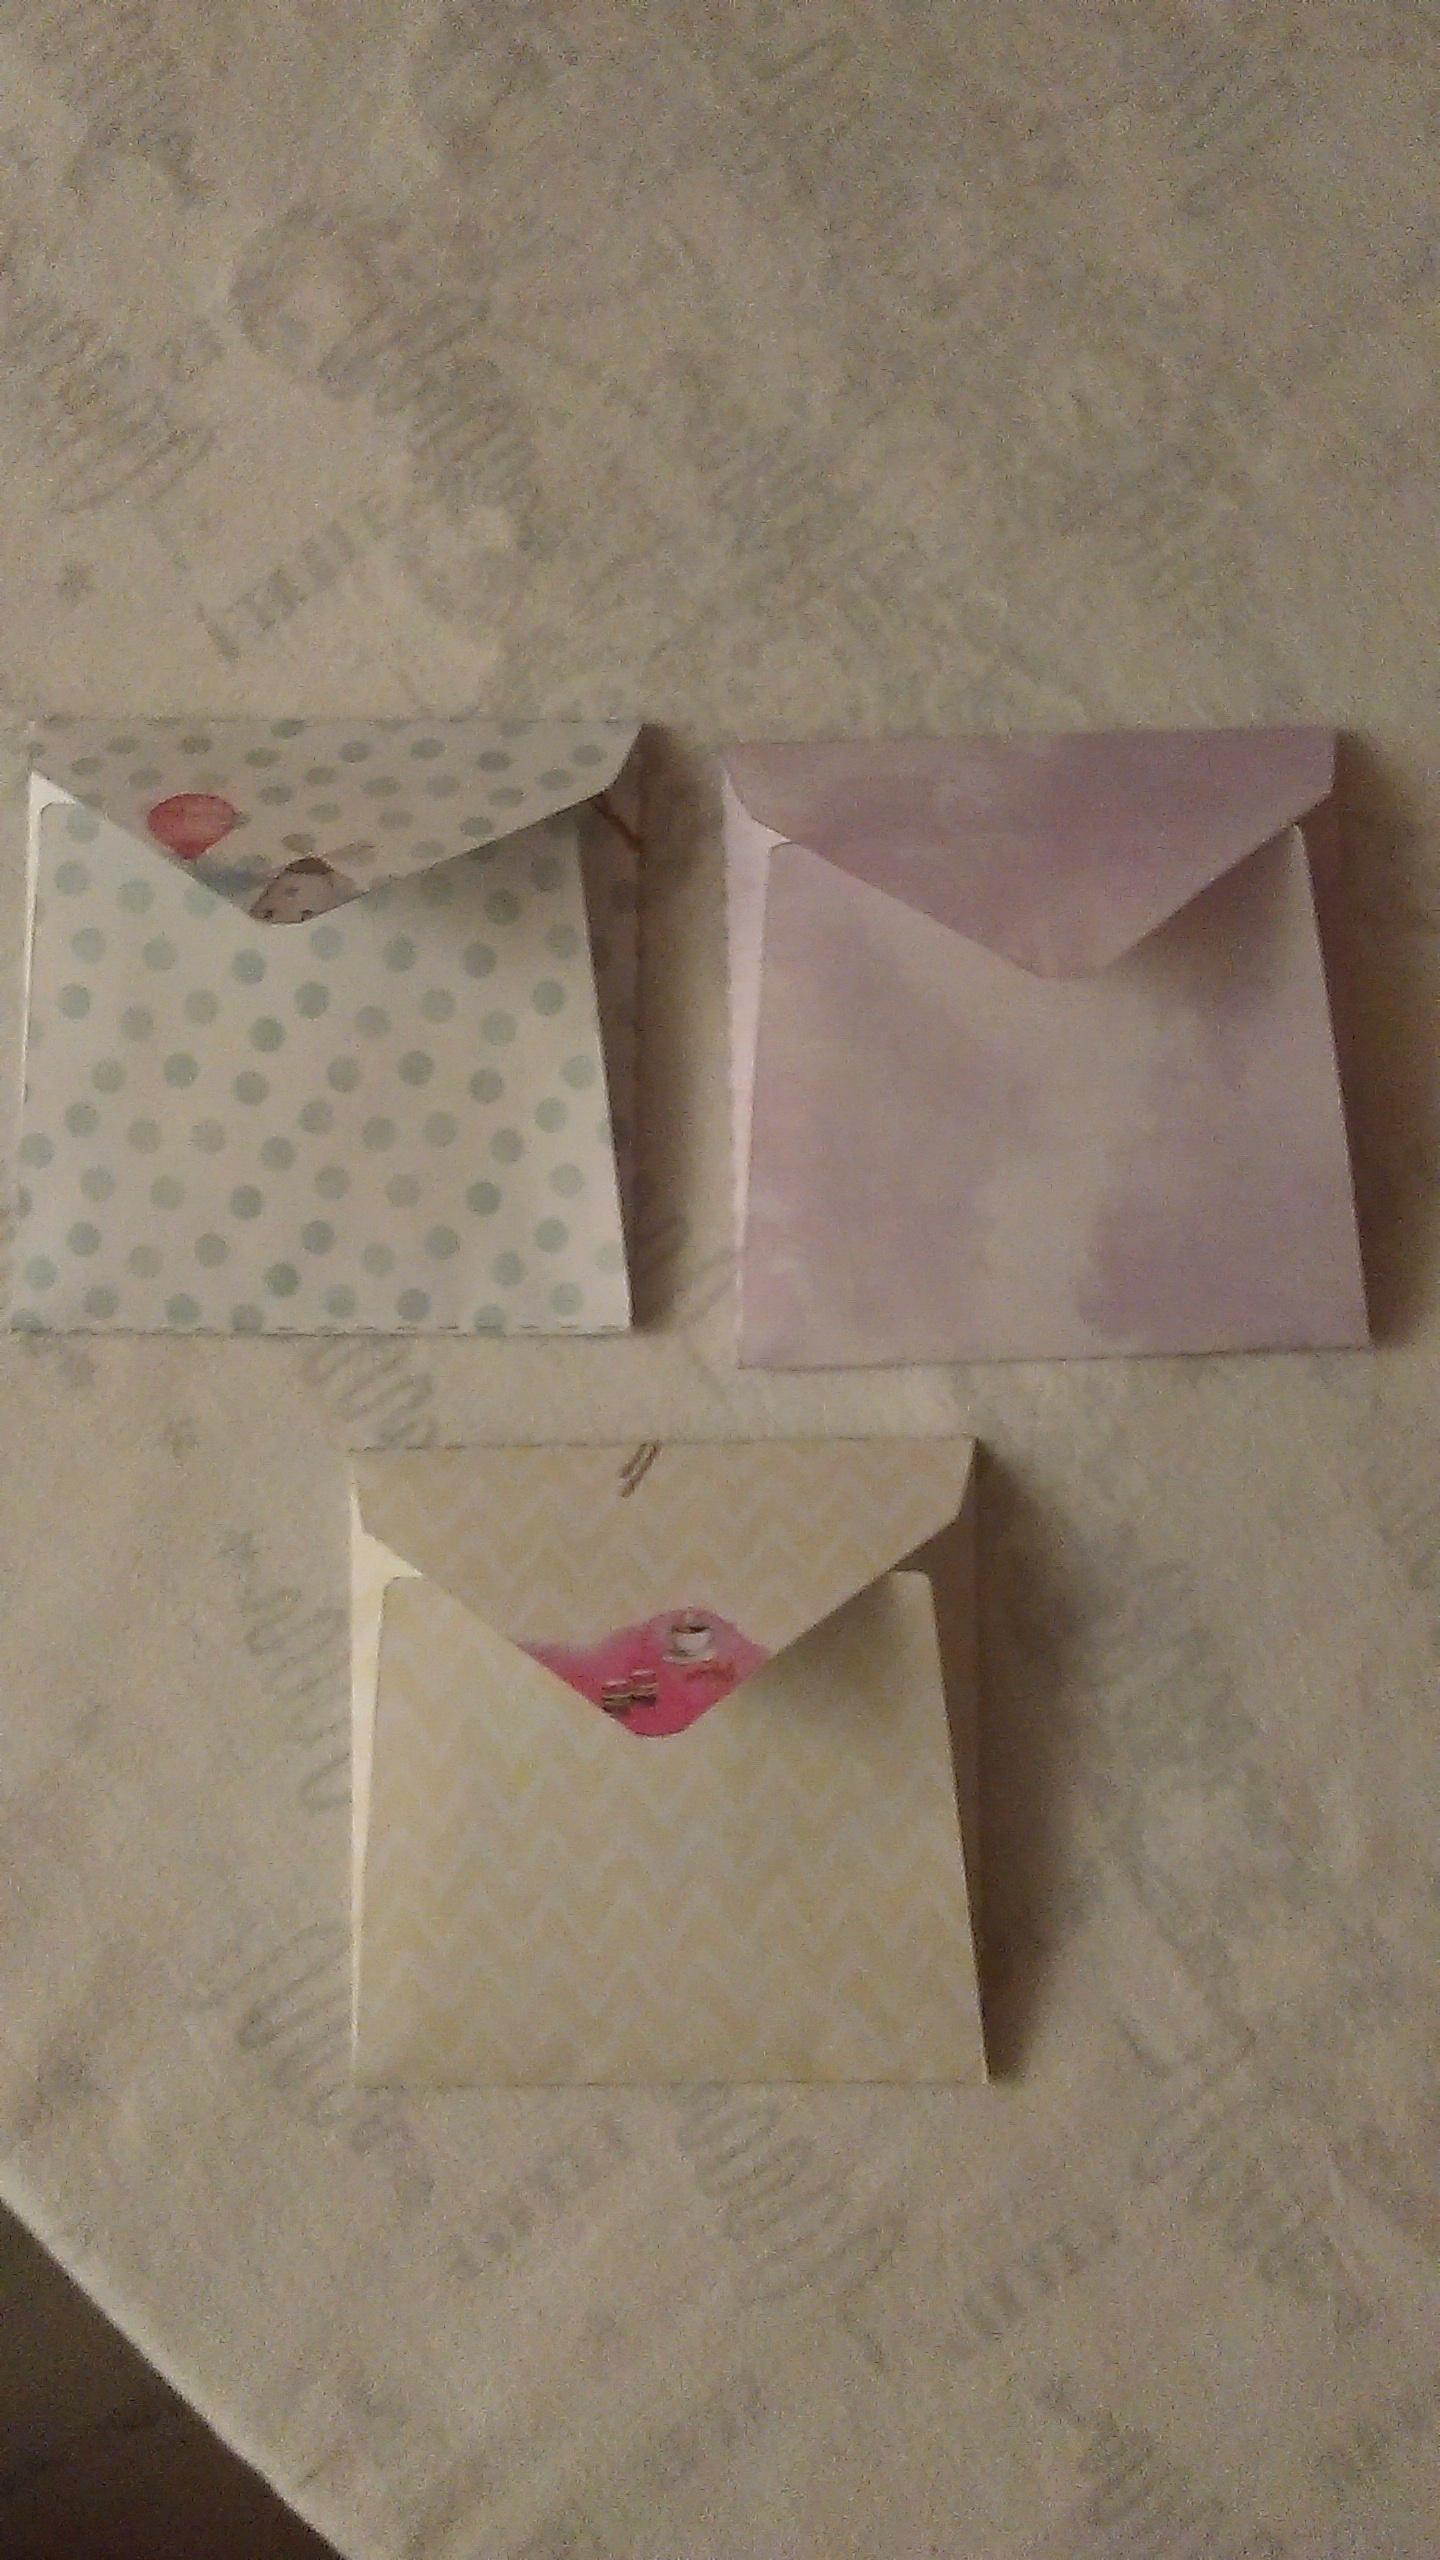 troc de troc 3 enveloppes imprimées. image 1